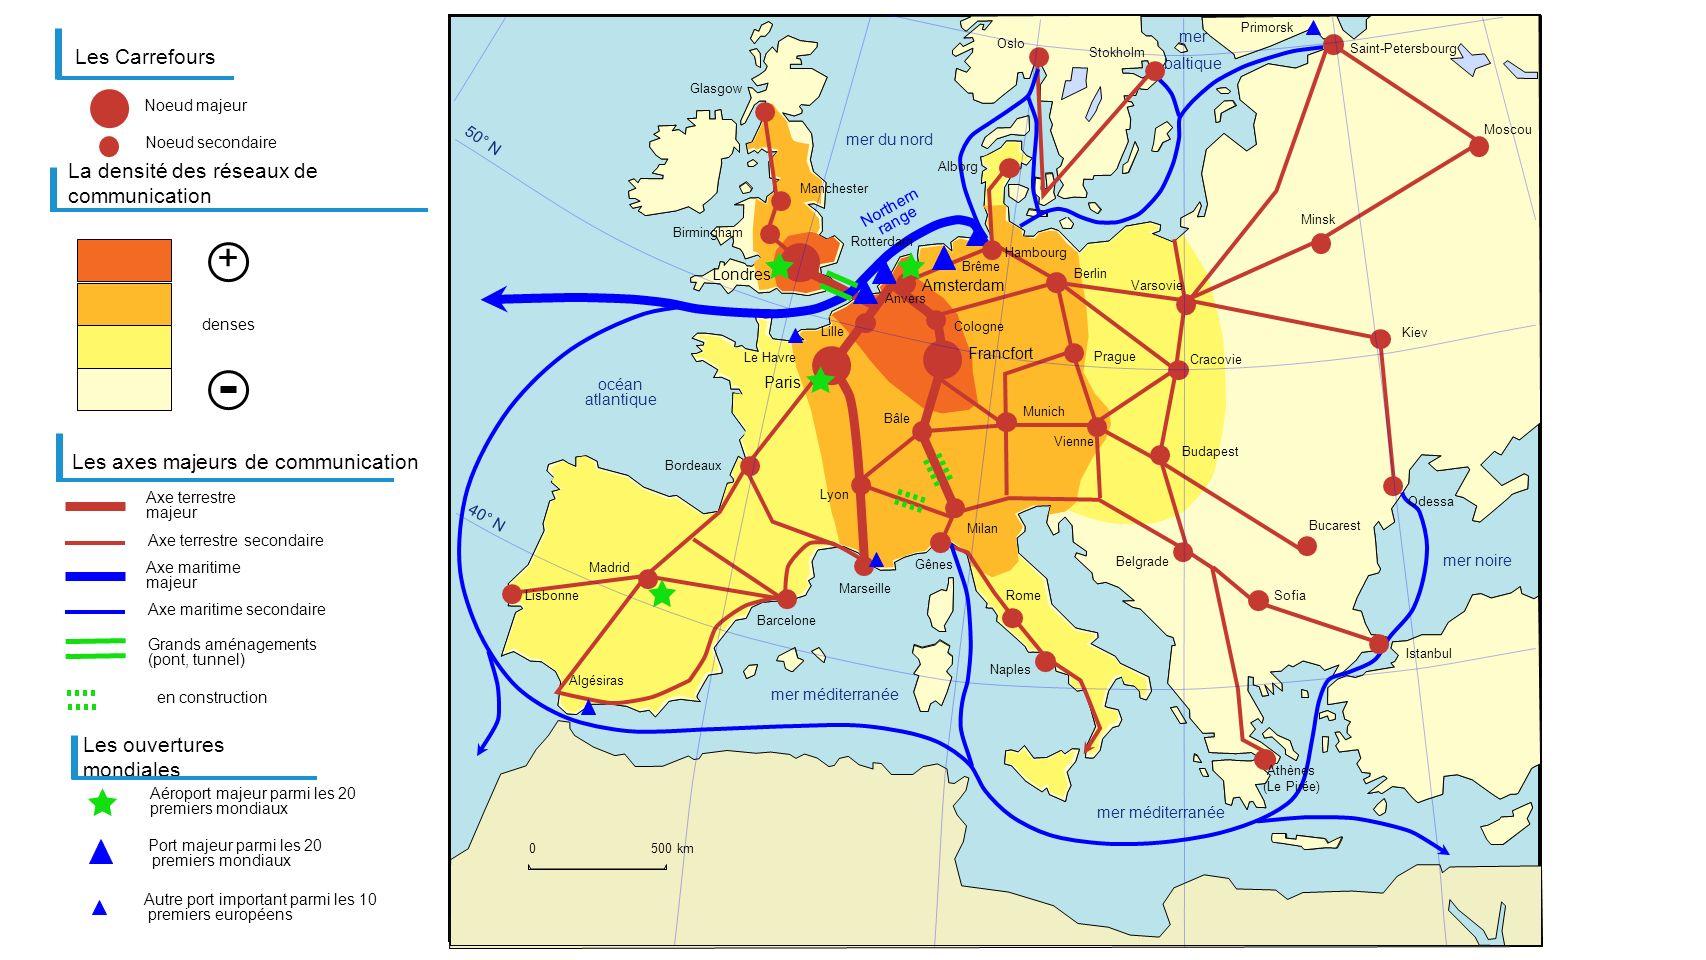 Francfort Paris Londres Les Carrefours Aéroport majeur parmi les 20 premiers mondiaux La densité des réseaux de communication Les axes majeurs de comm